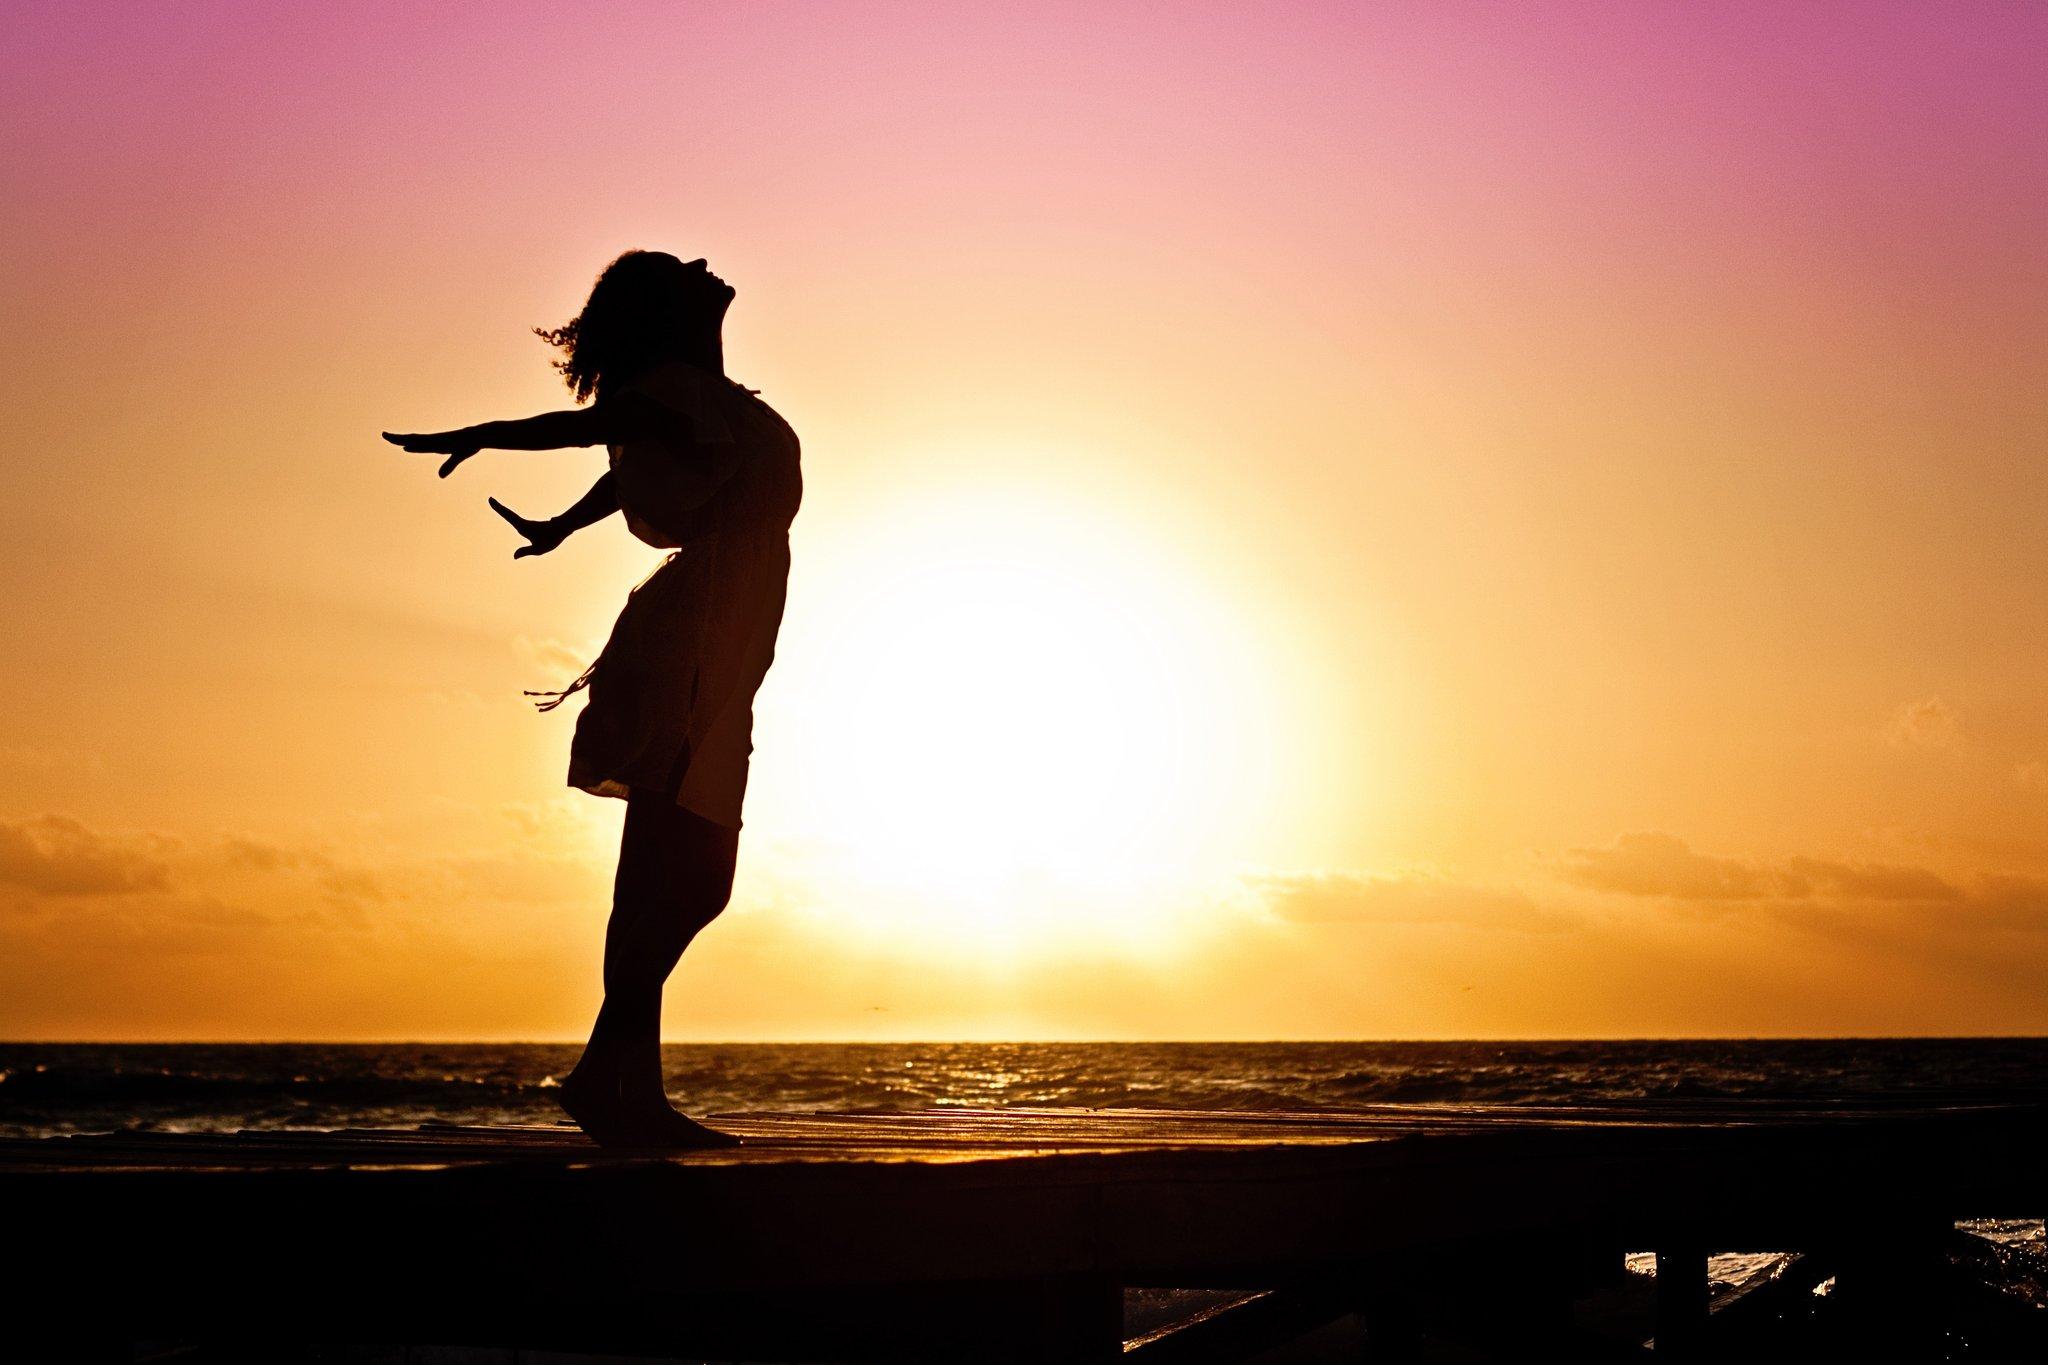 Fotografiar la silueta de una mujer en una playa al atardecer